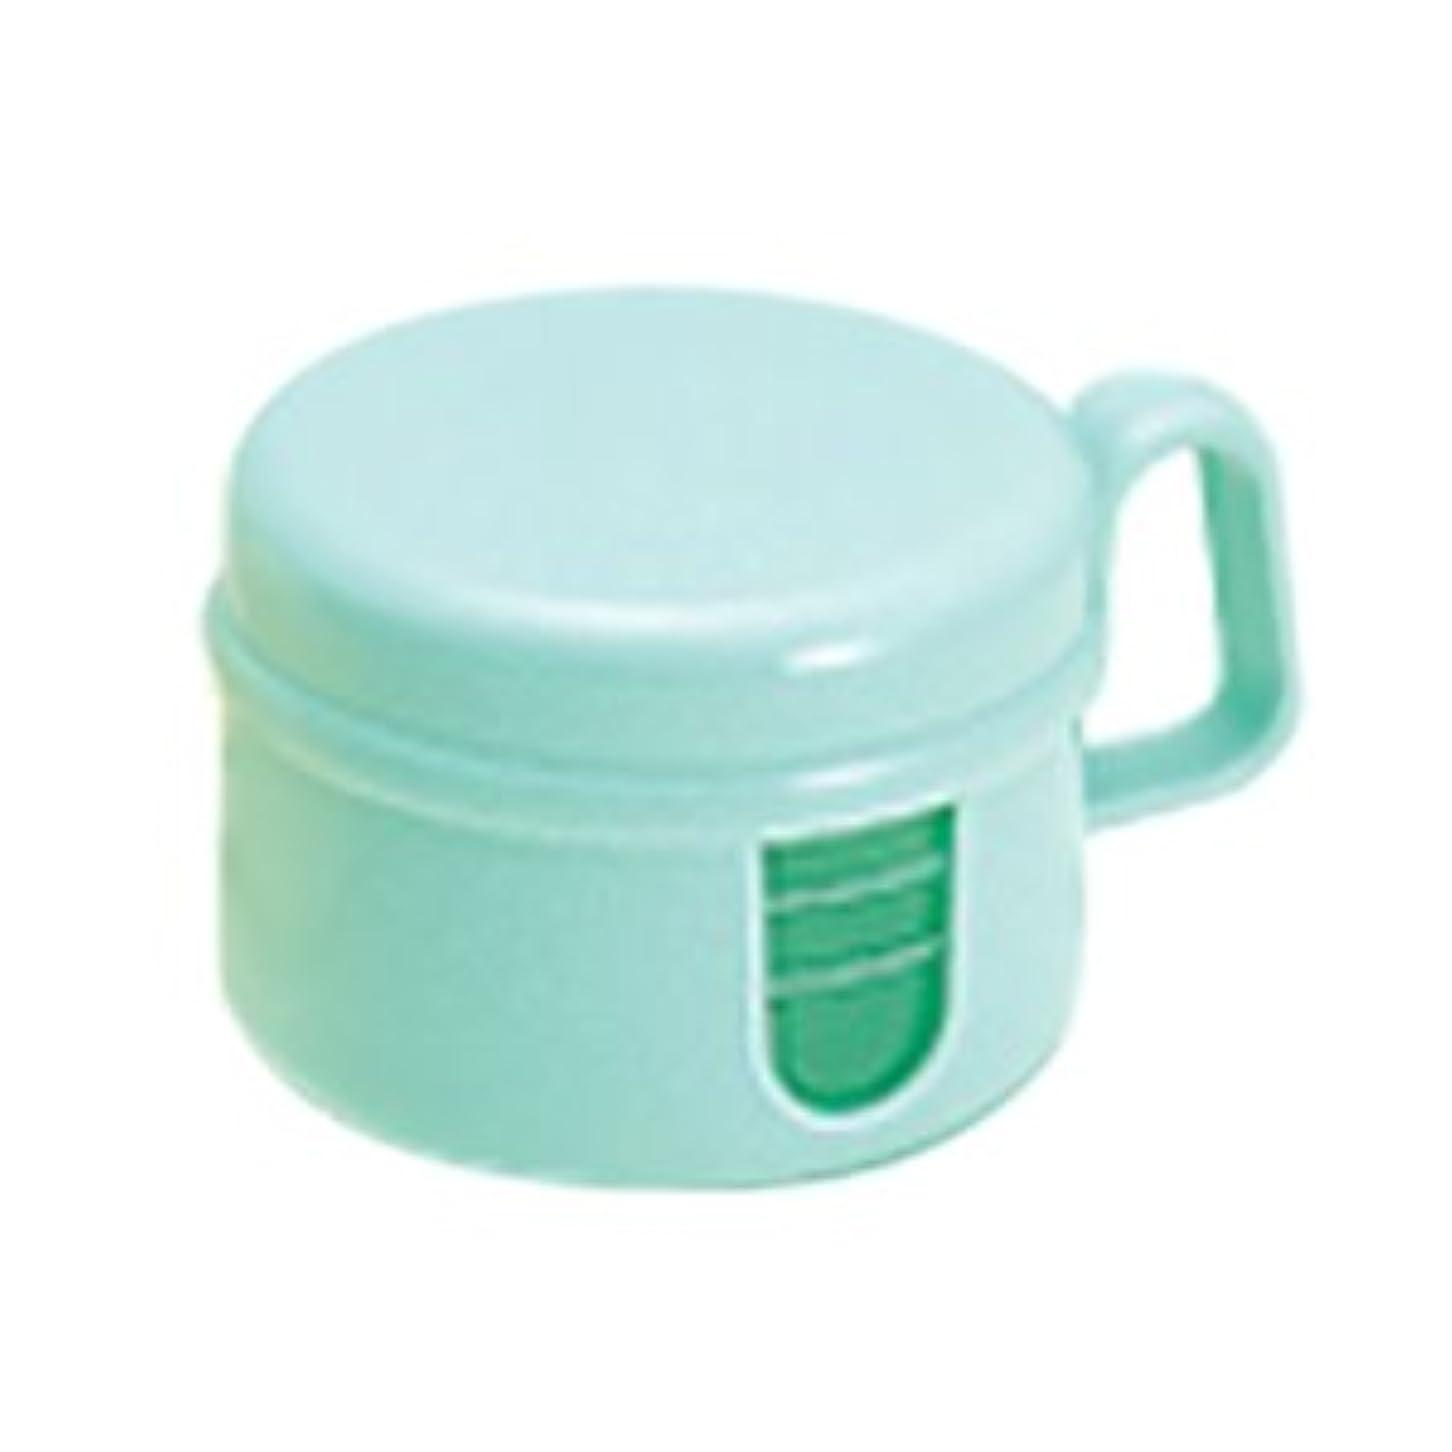 機械的に構想する大腿松風 ピカ 入れ歯 洗浄保存容器 グリーン